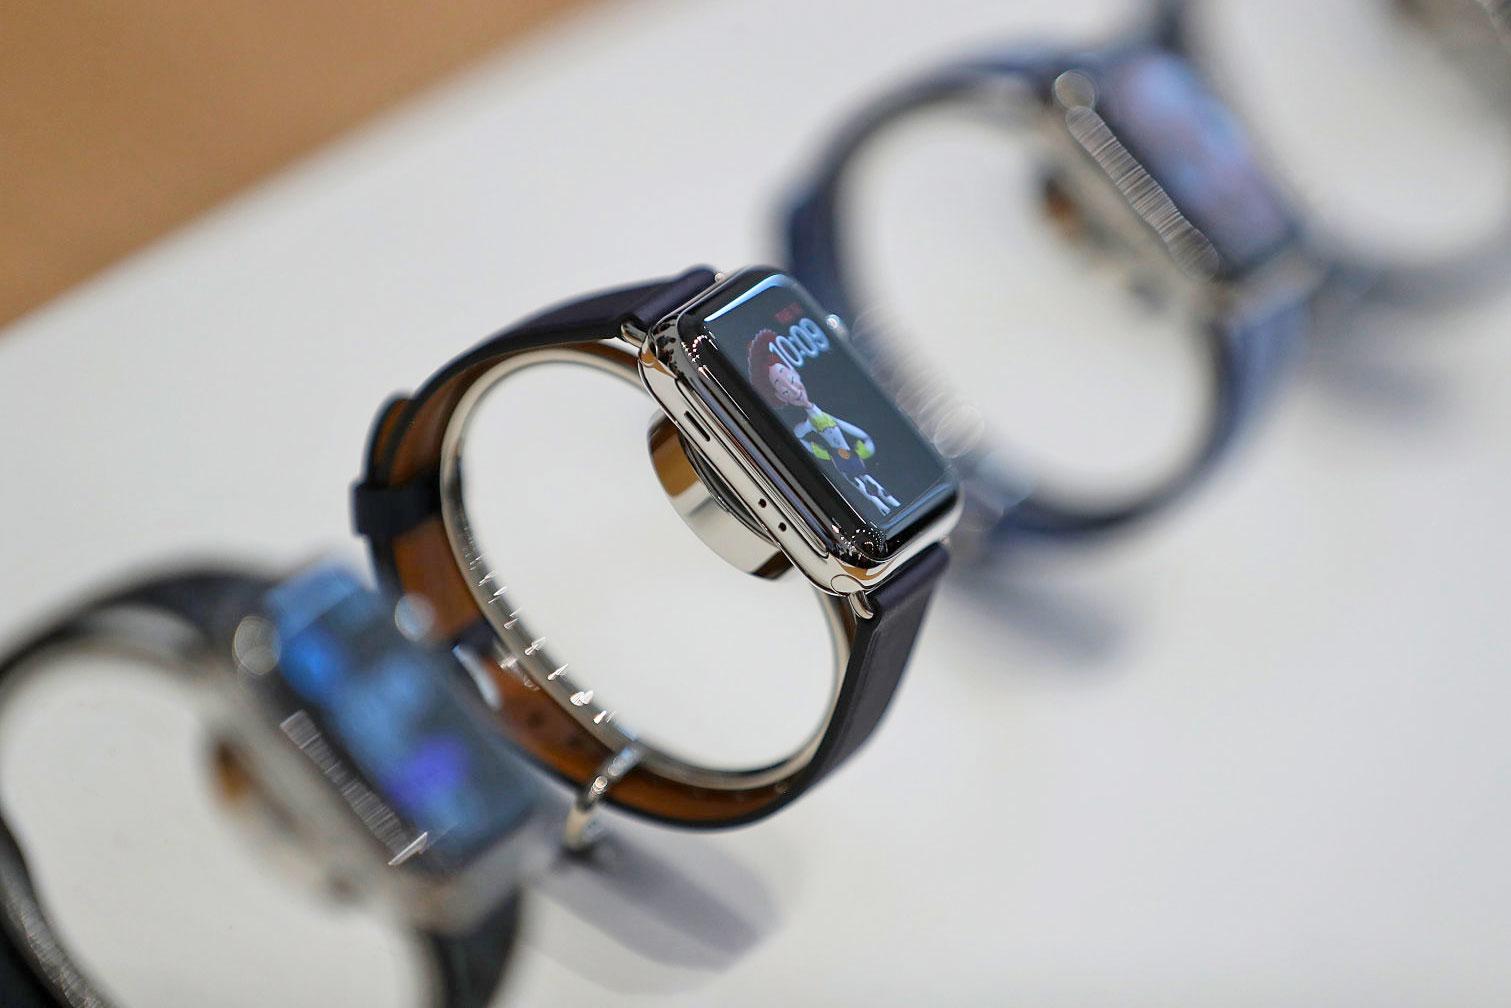 Los primeros análisis del Apple Watch Series 3 con LTE… pierden cobertura